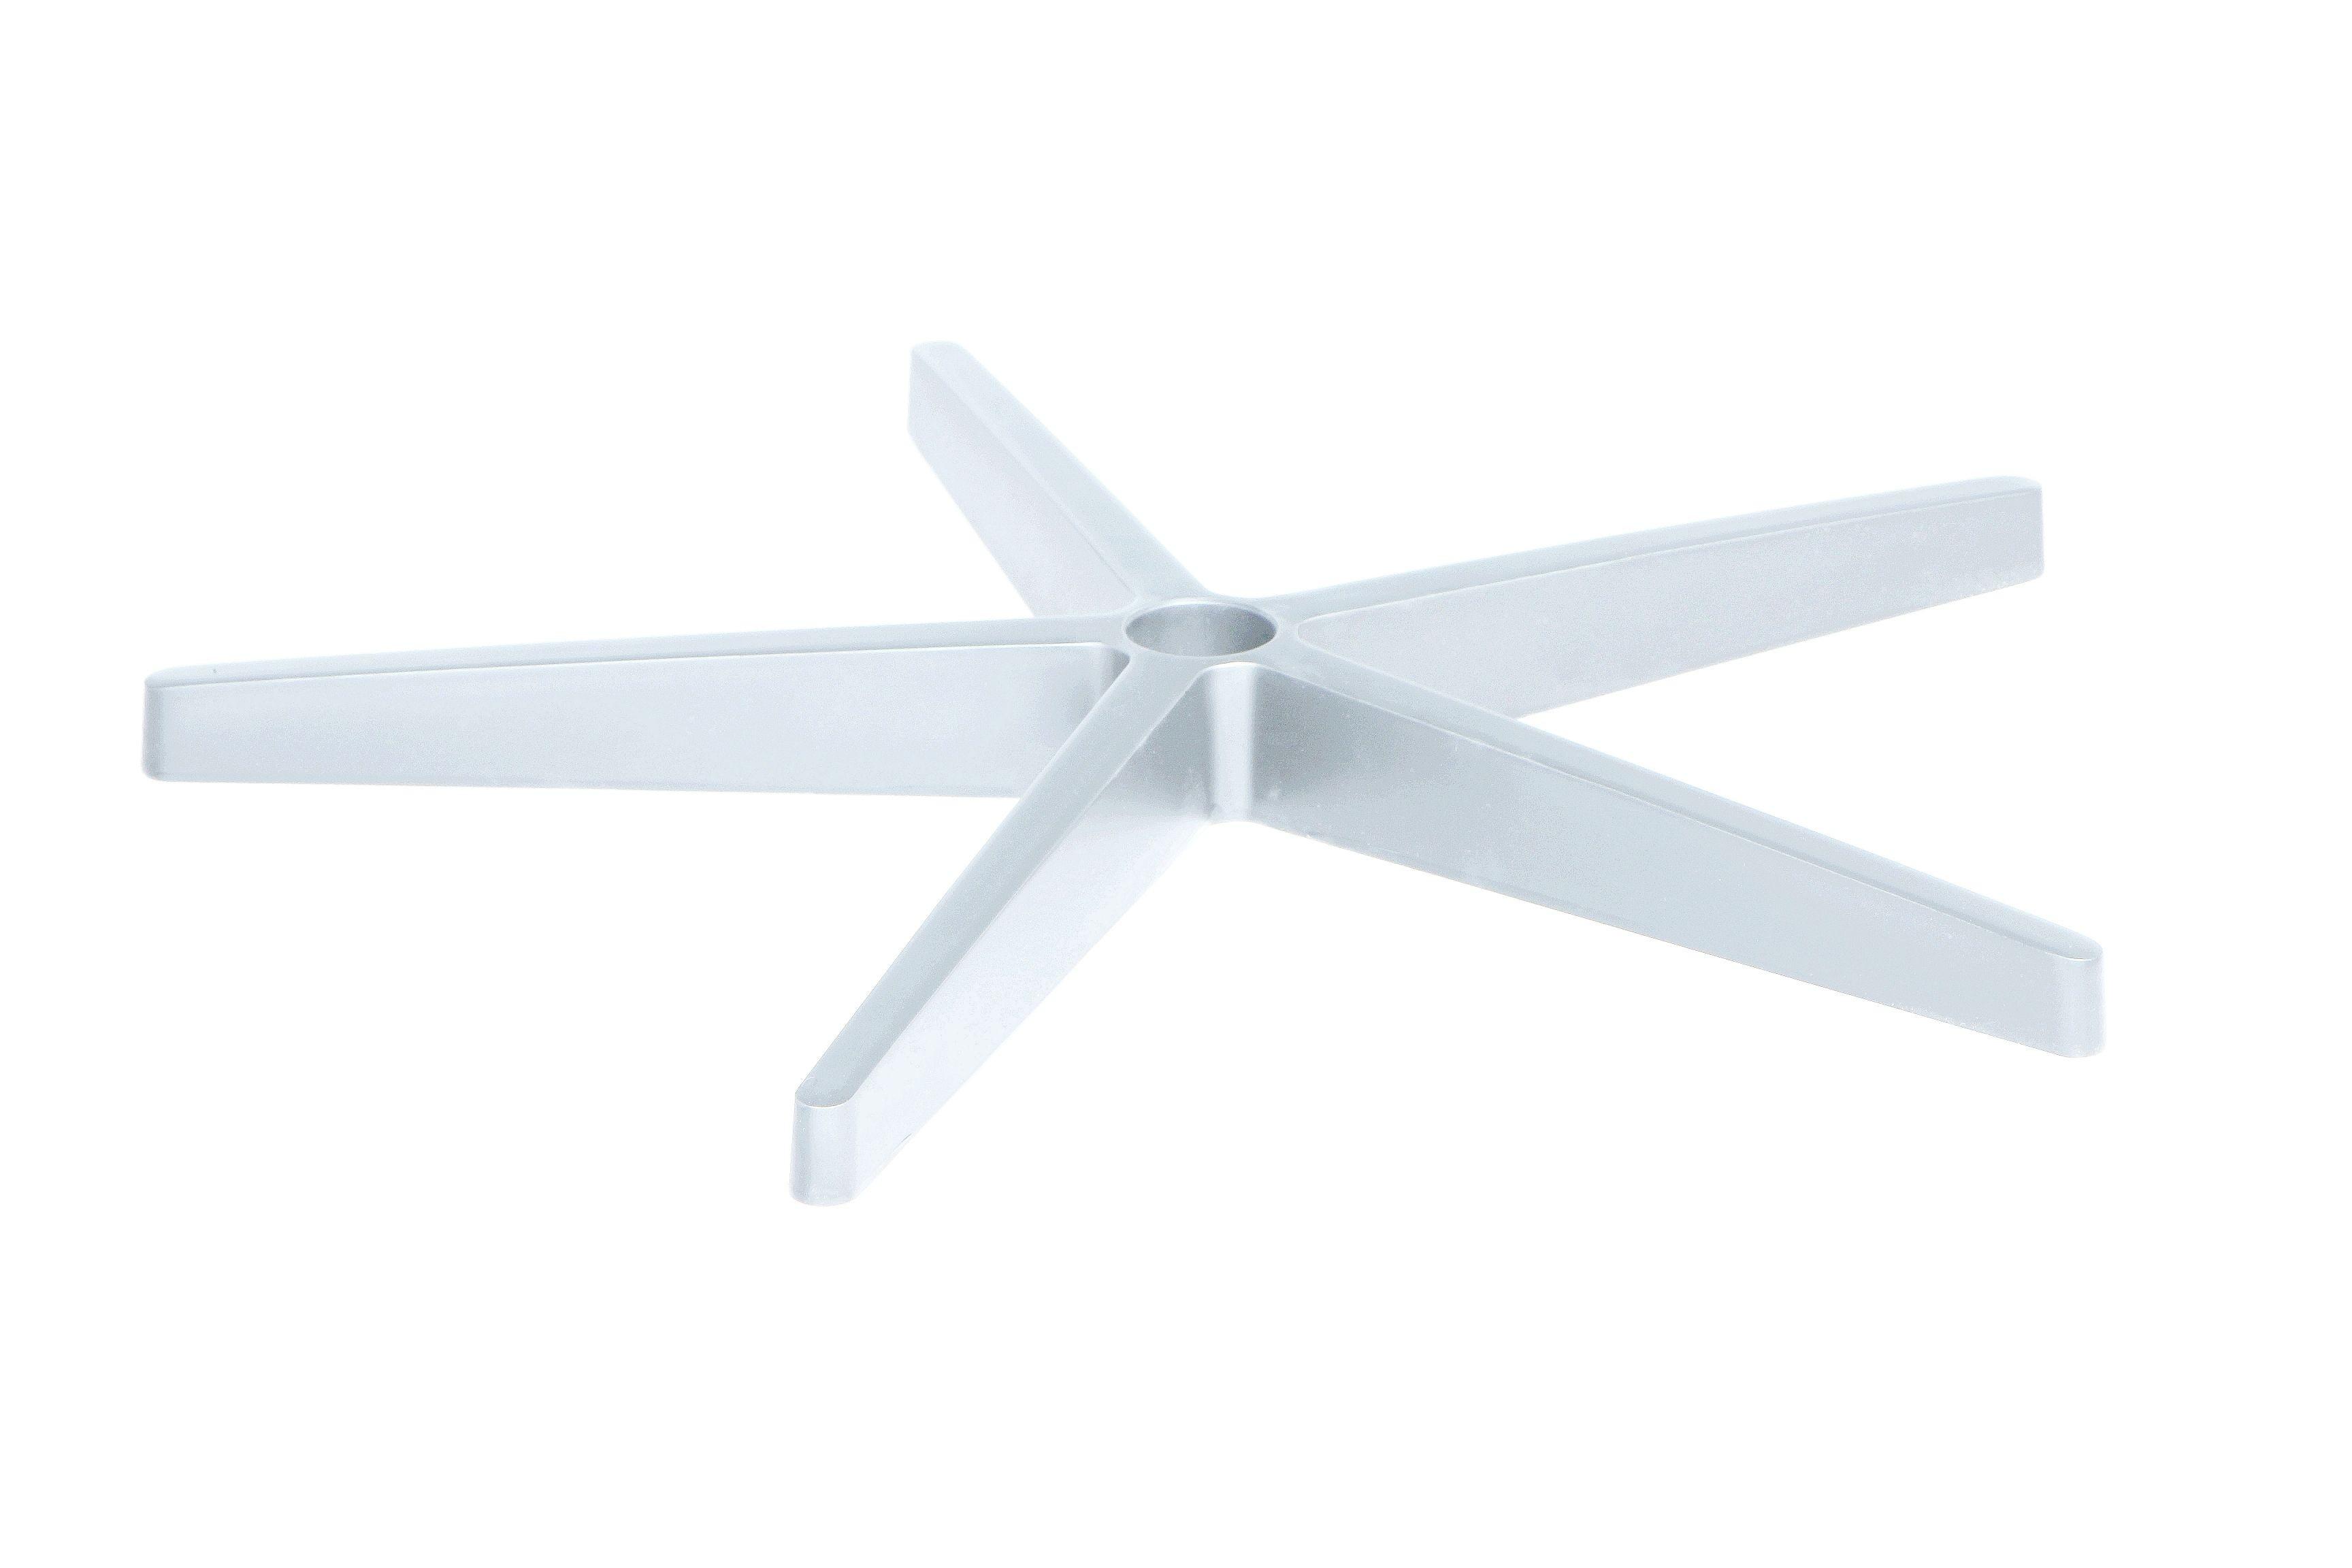 podstawa aluminiowa - lakierowana srebrna 0009_s